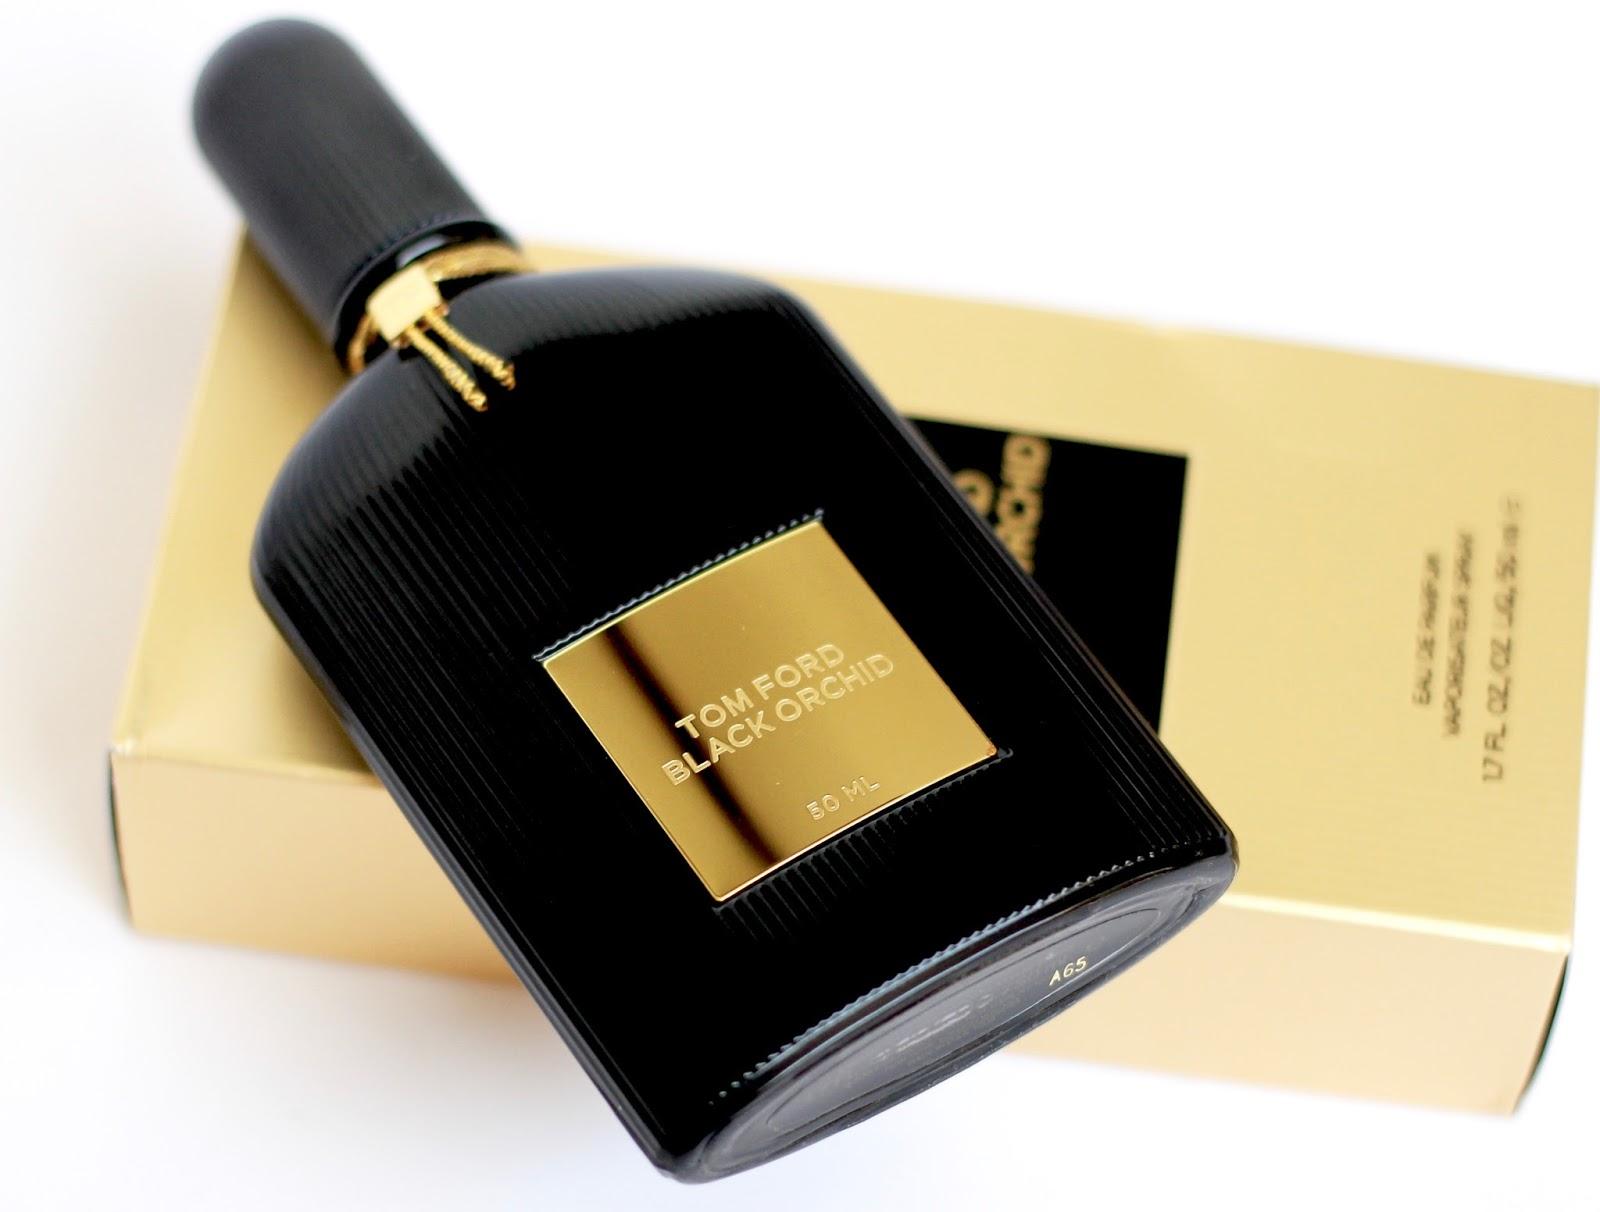 Tom Ford Black Orchid Eau De Parfum Beauty Detour